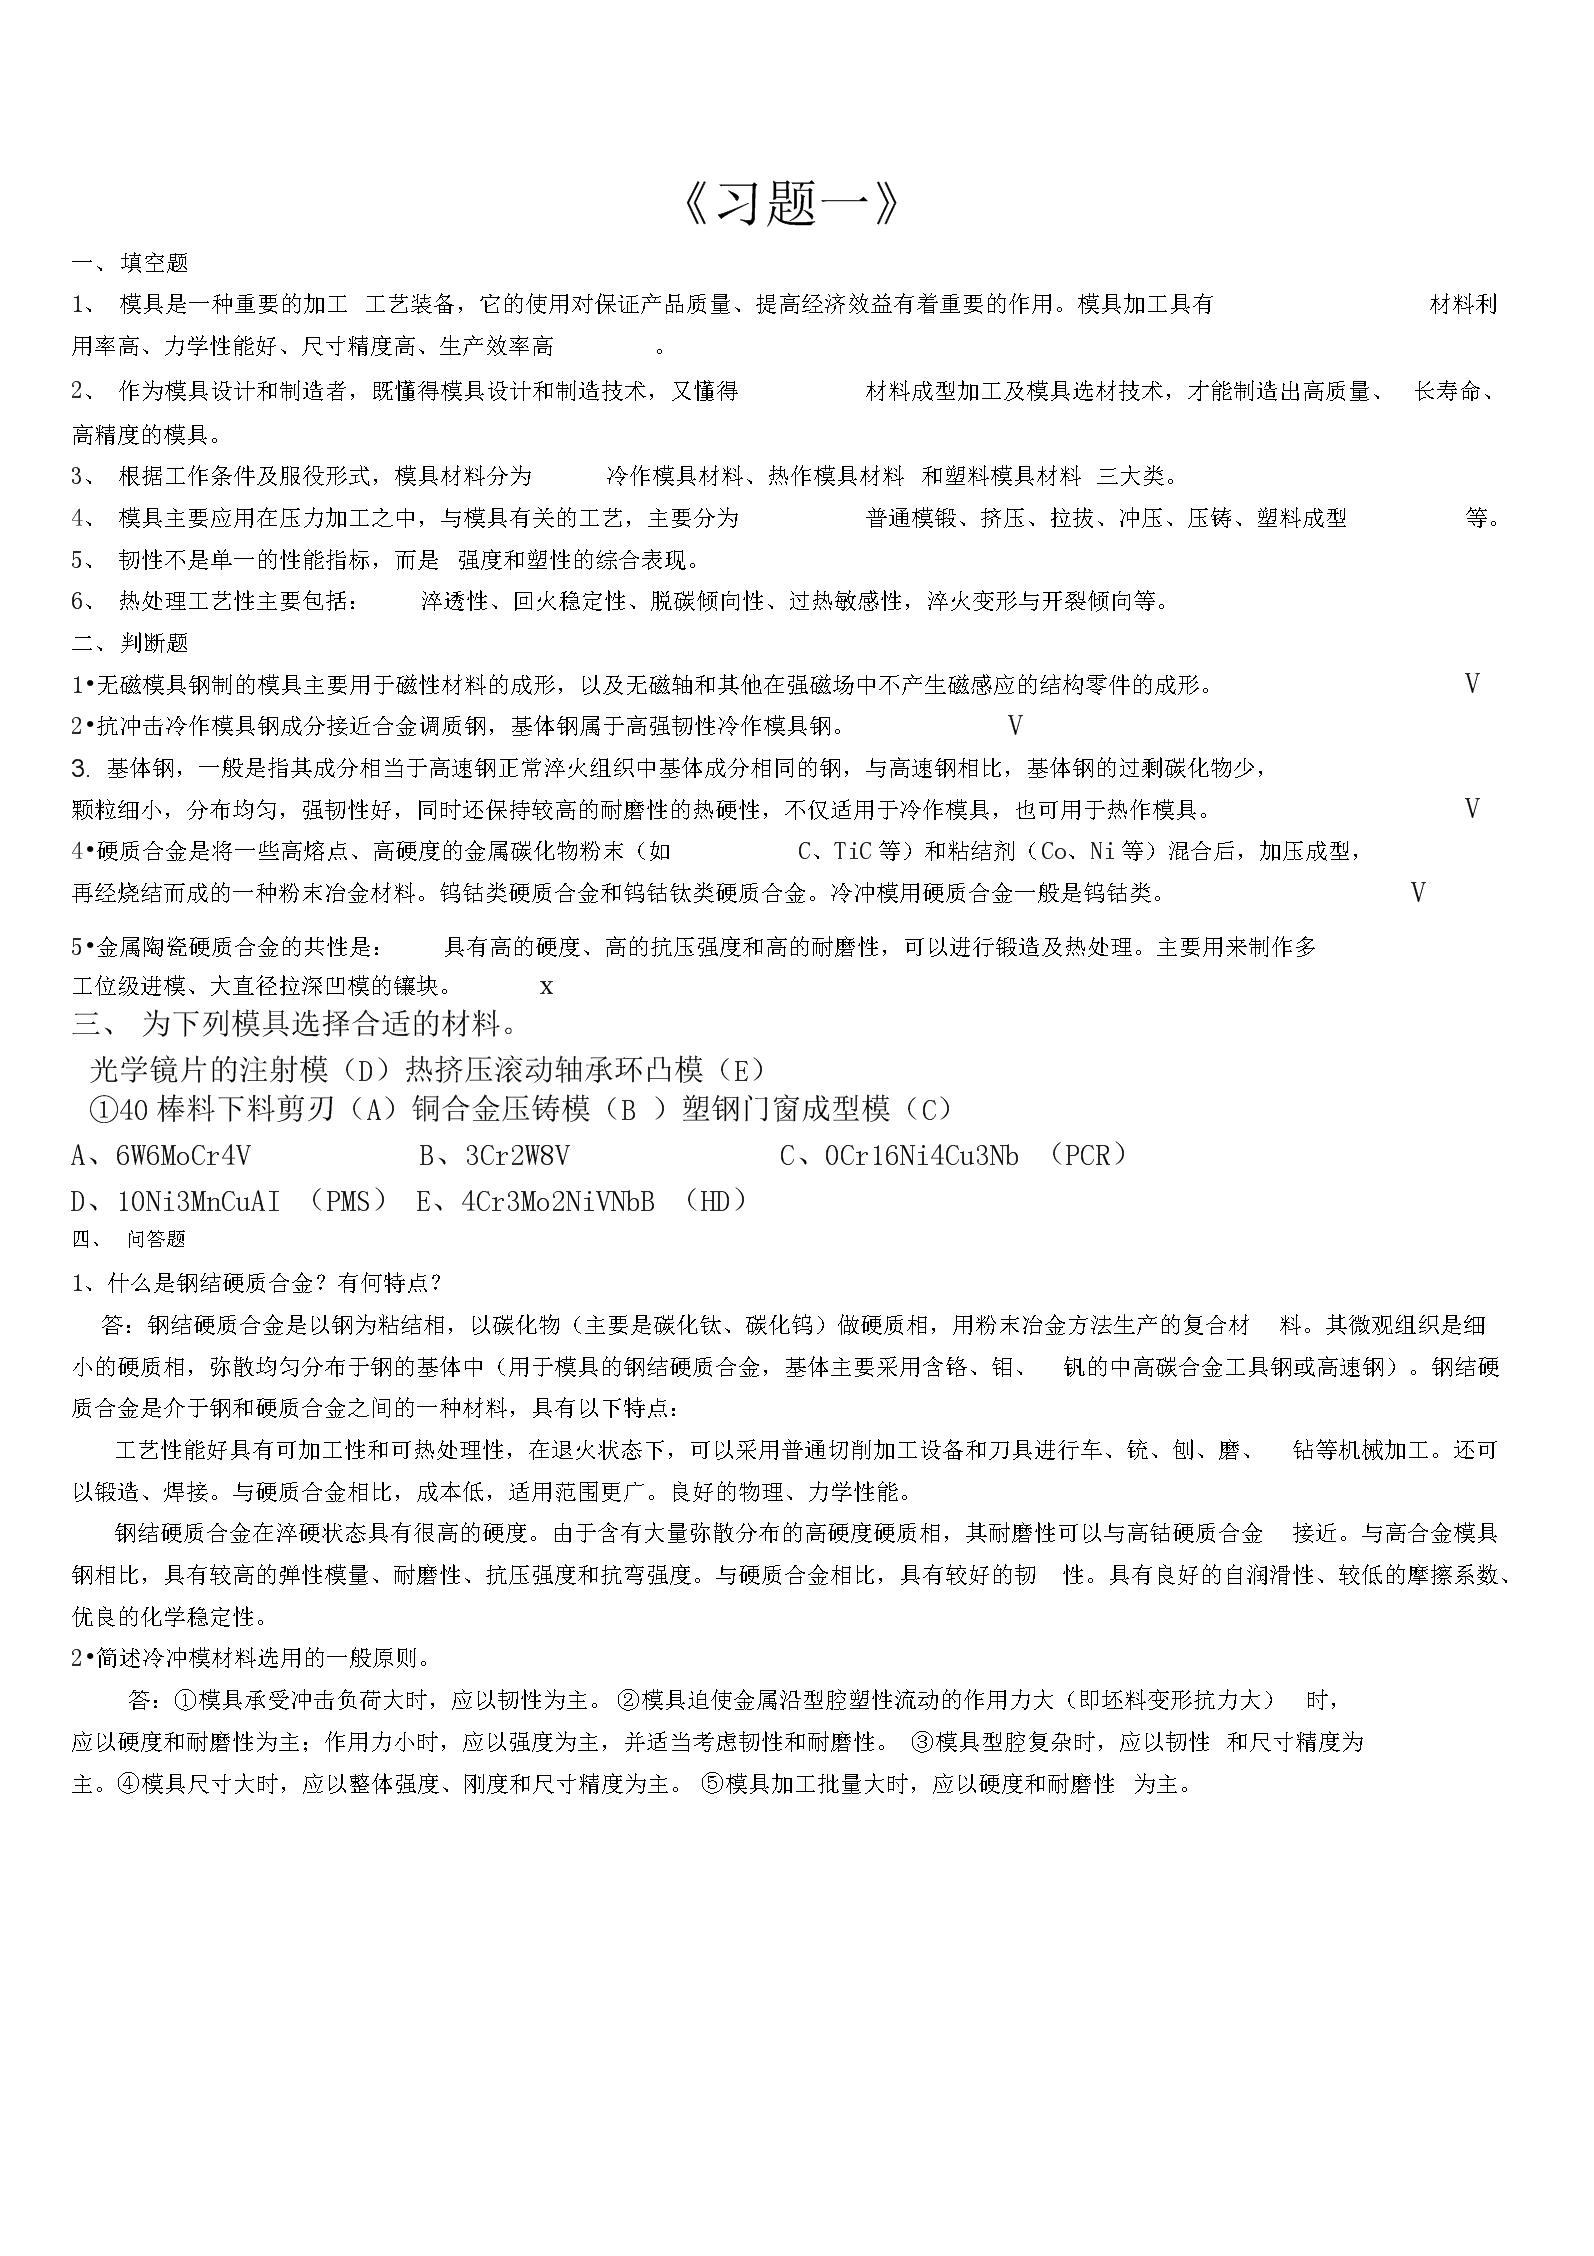 模具材料习题(答案).docx